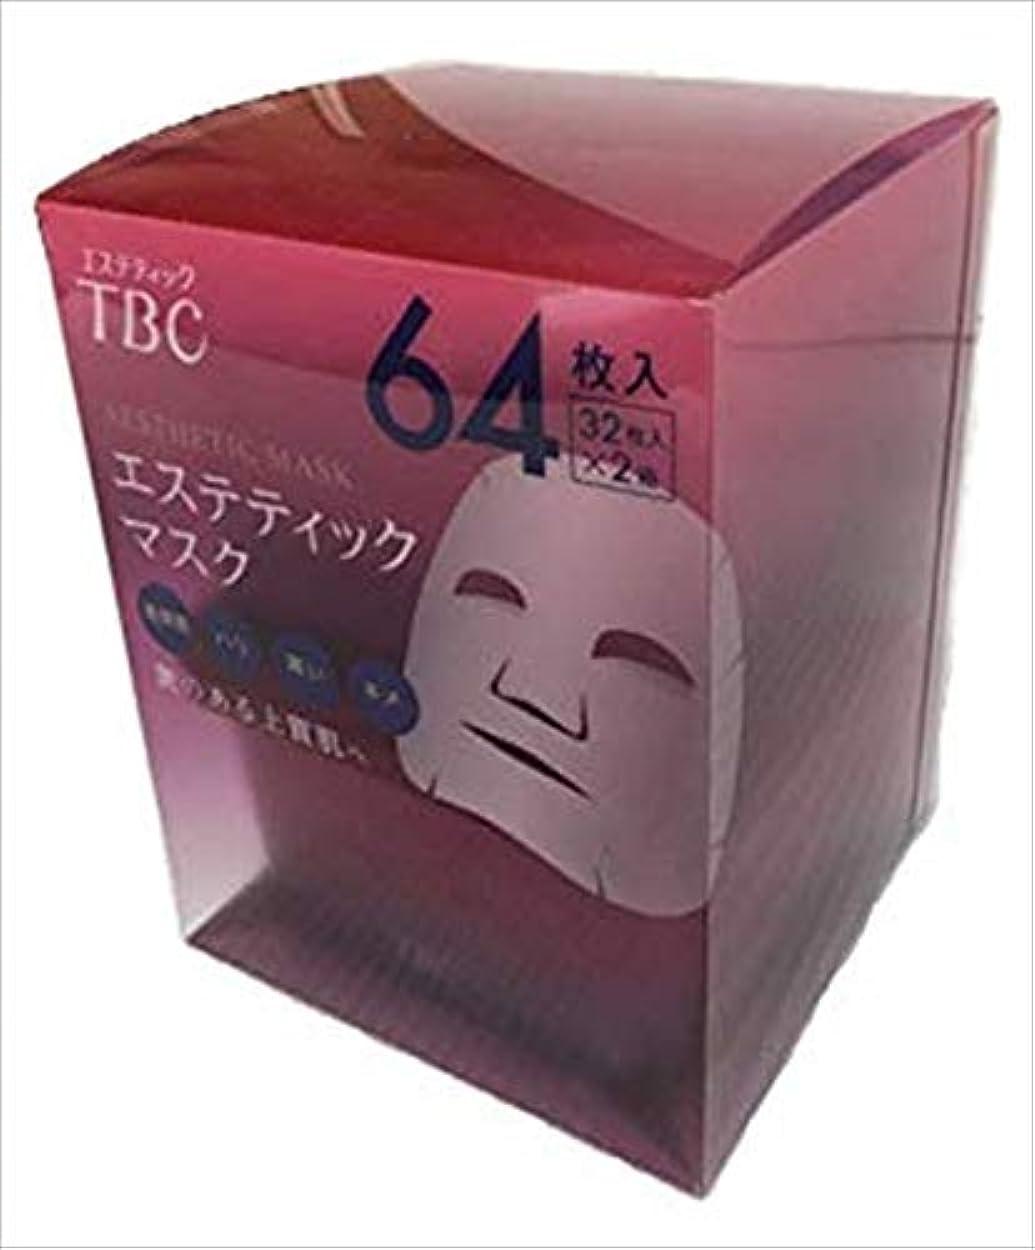 ジュラシックパーク遮るチャームTBC エステティック フェイスマスク ボックスタイプ 32枚×2個